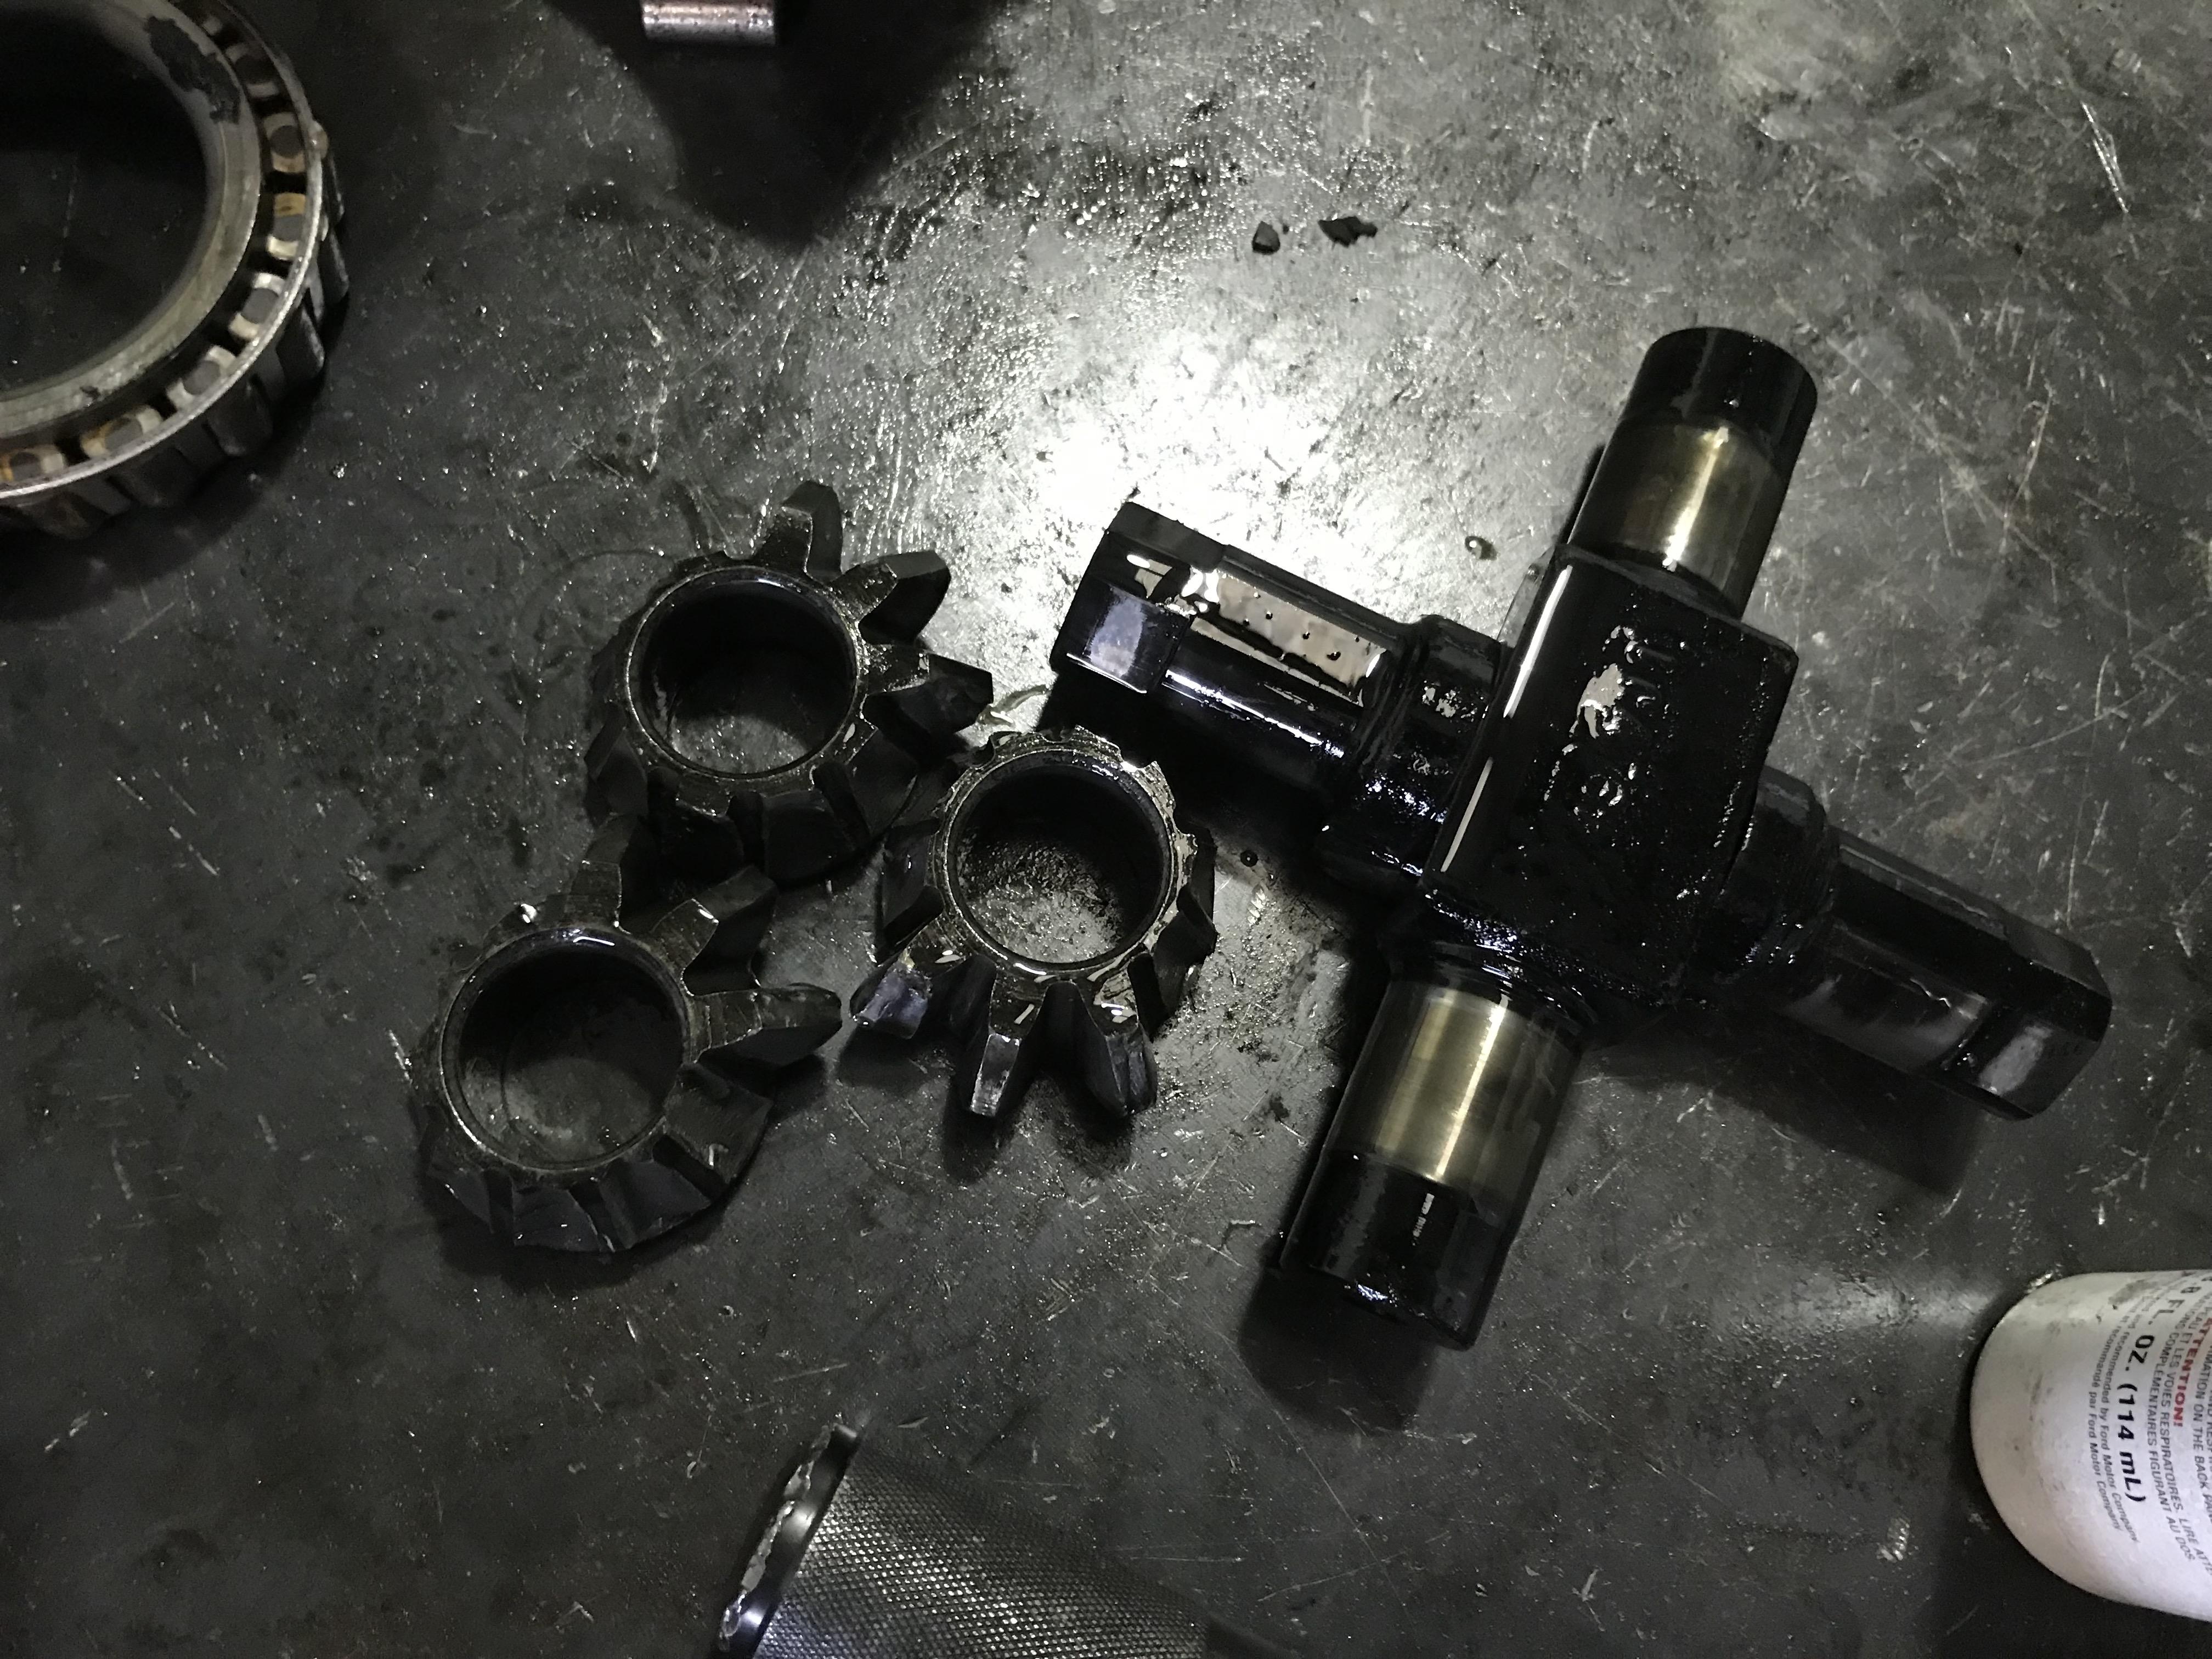 Spider gears